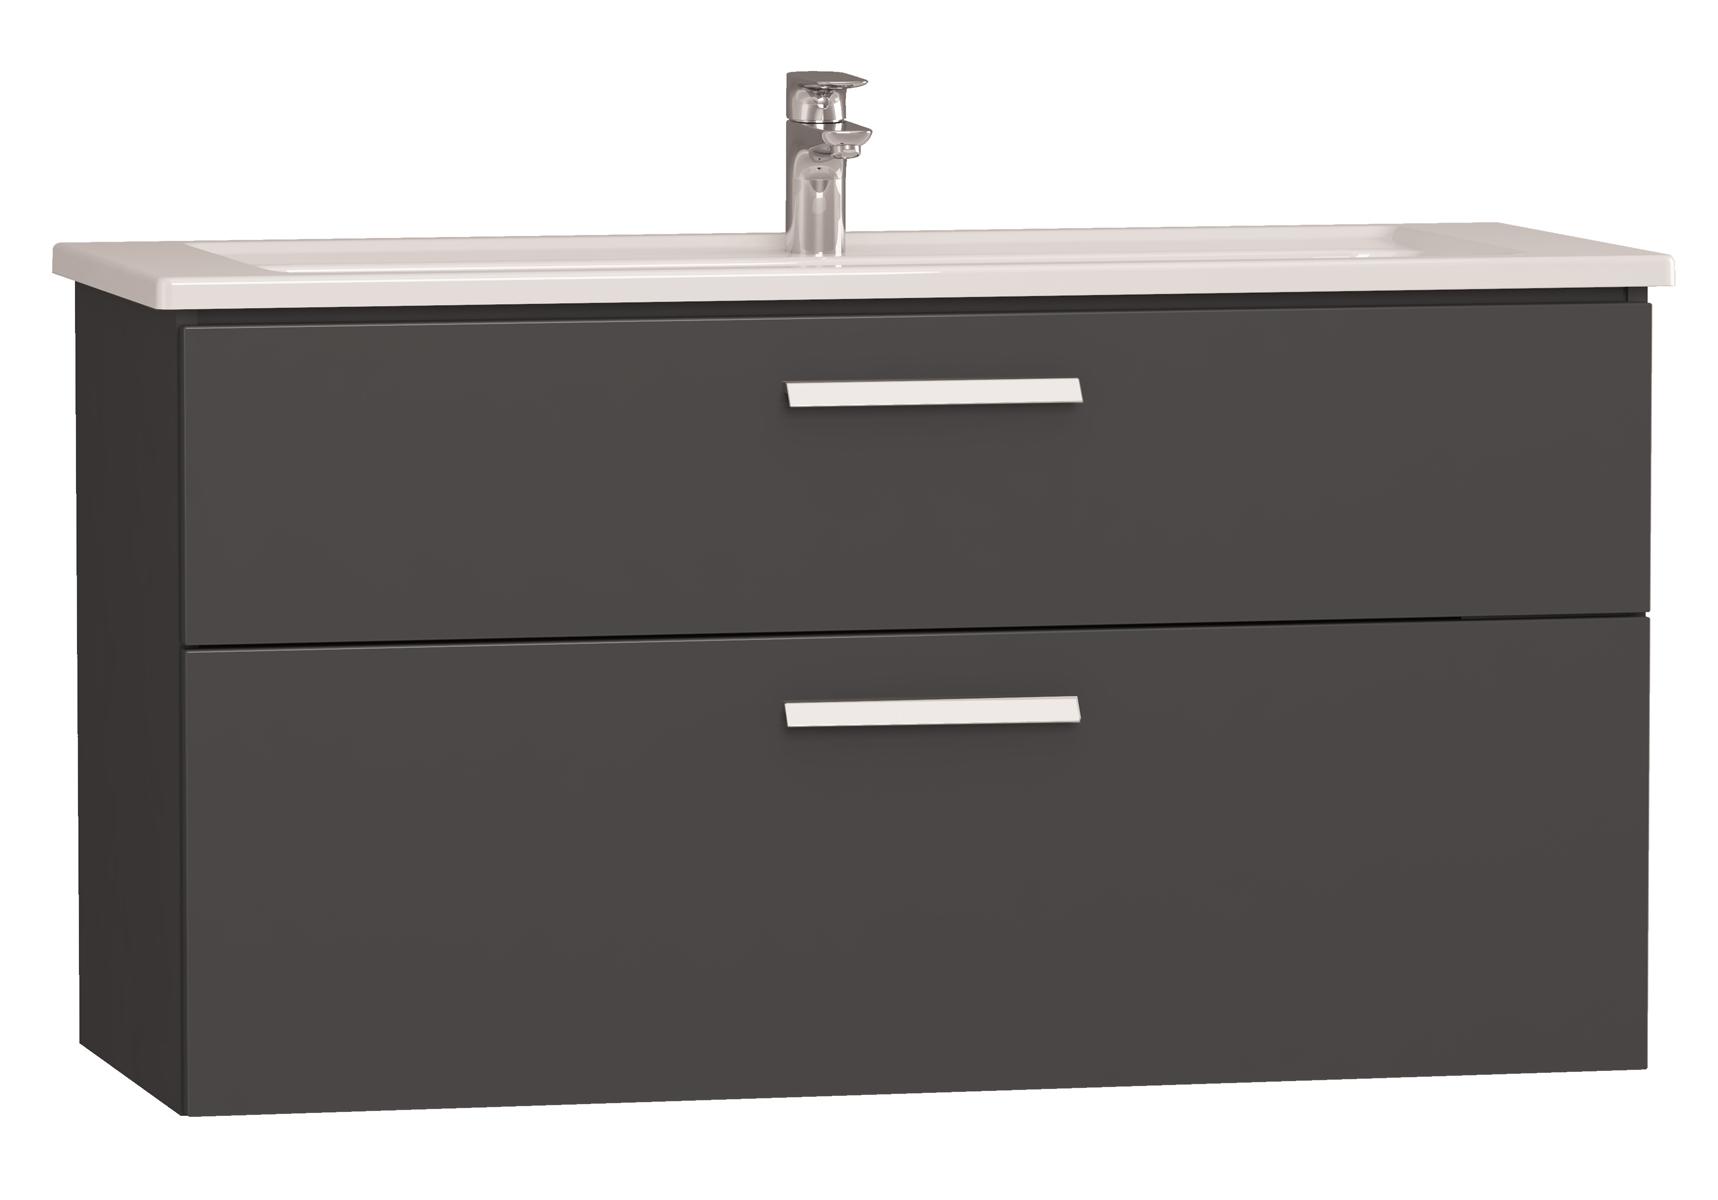 Integra meuble avec plan céramique avec deux tiroirs, 120 cm, anthraciteacite haute brillance